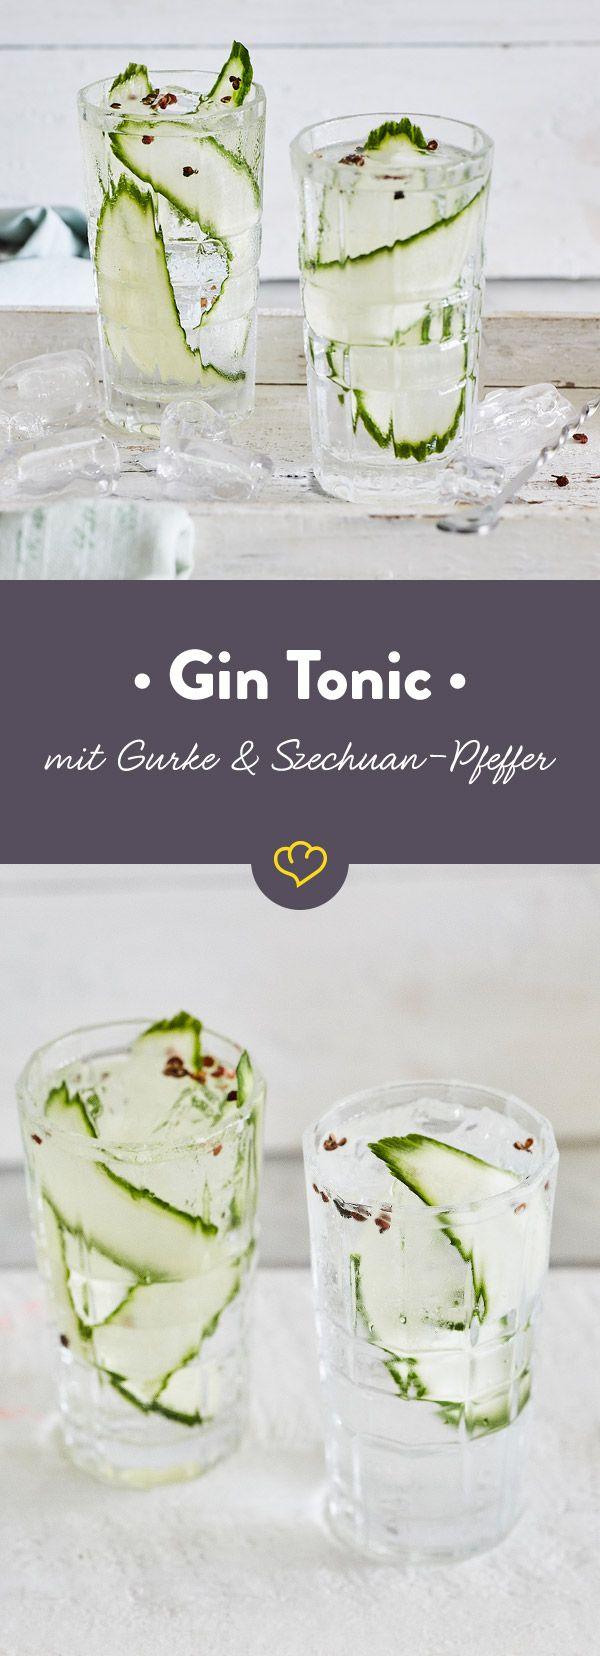 Hast du Lust auf einen fantastisch erfrischenden Gin Tonic? Dann veredle deinen Lieblingsdrink mit frischer Gurke und scharf-würzigem Szechuan Pfeffer.